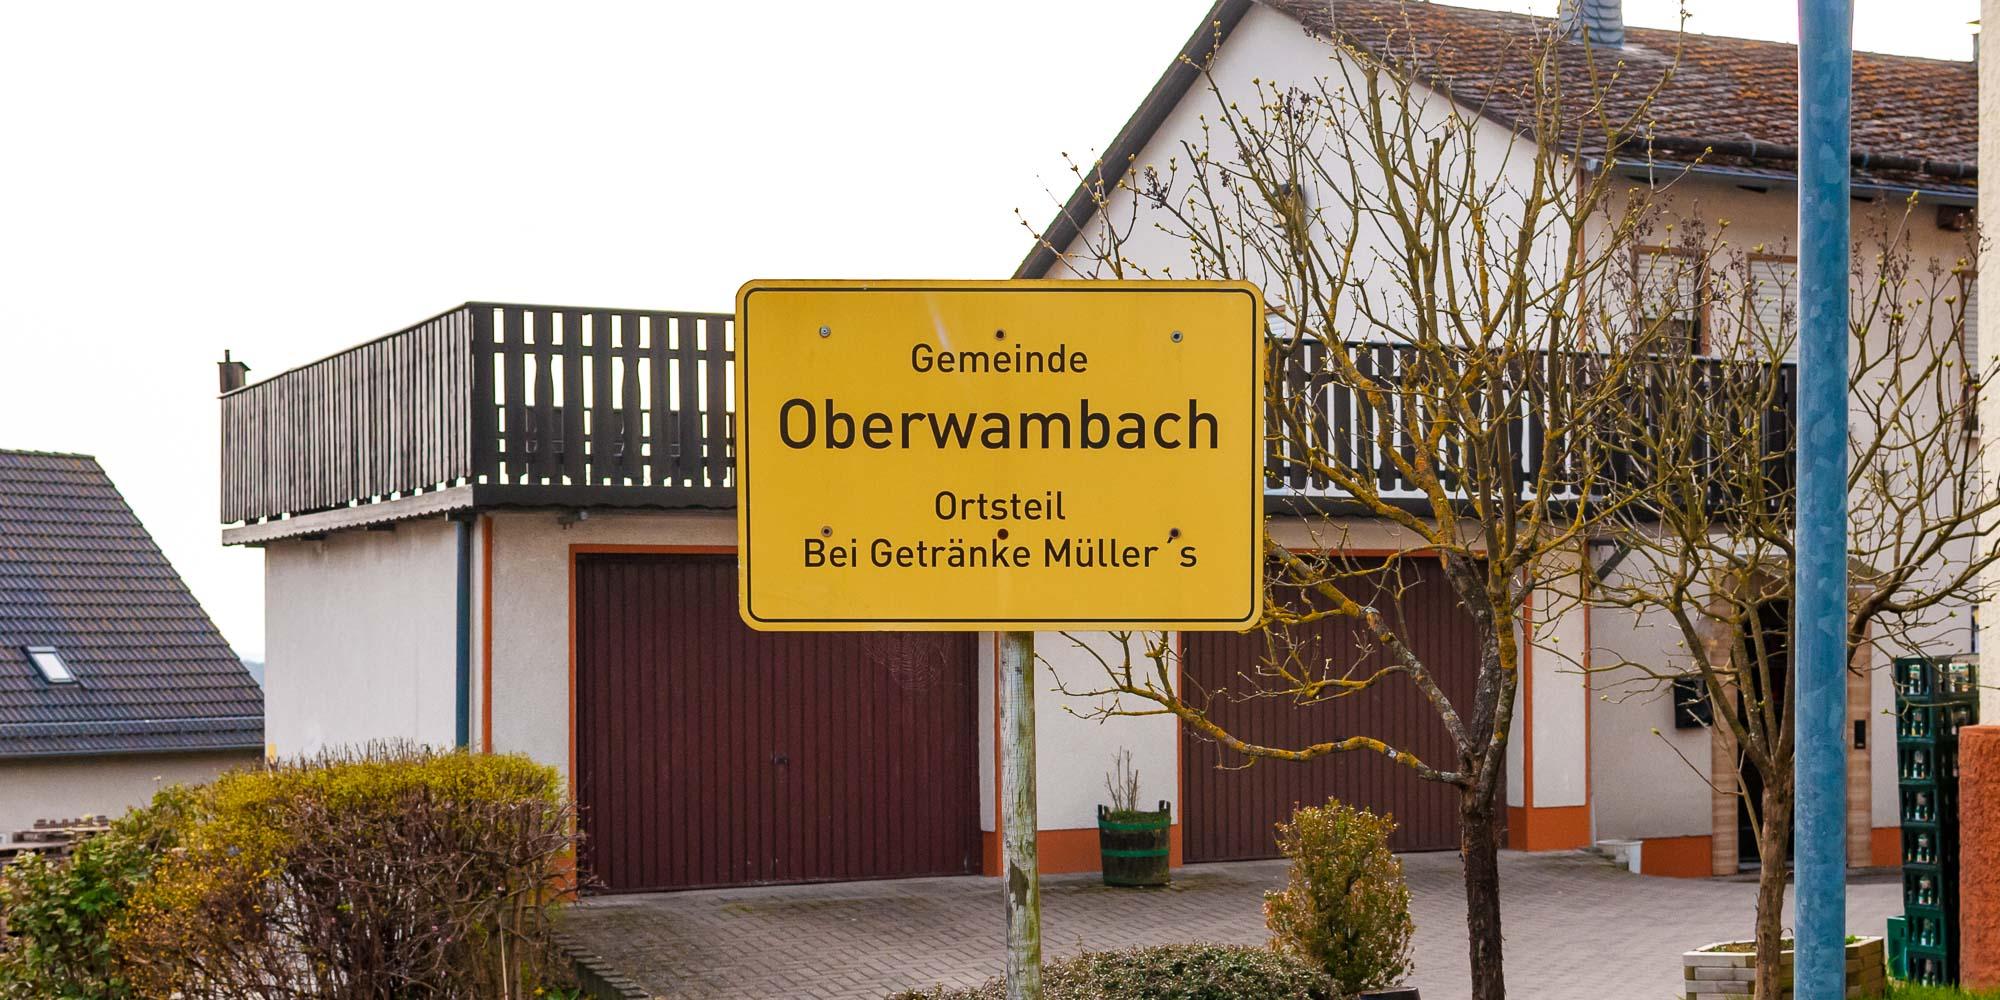 Getränke Müller in Oberwambach – der freundliche Bierlieferant!